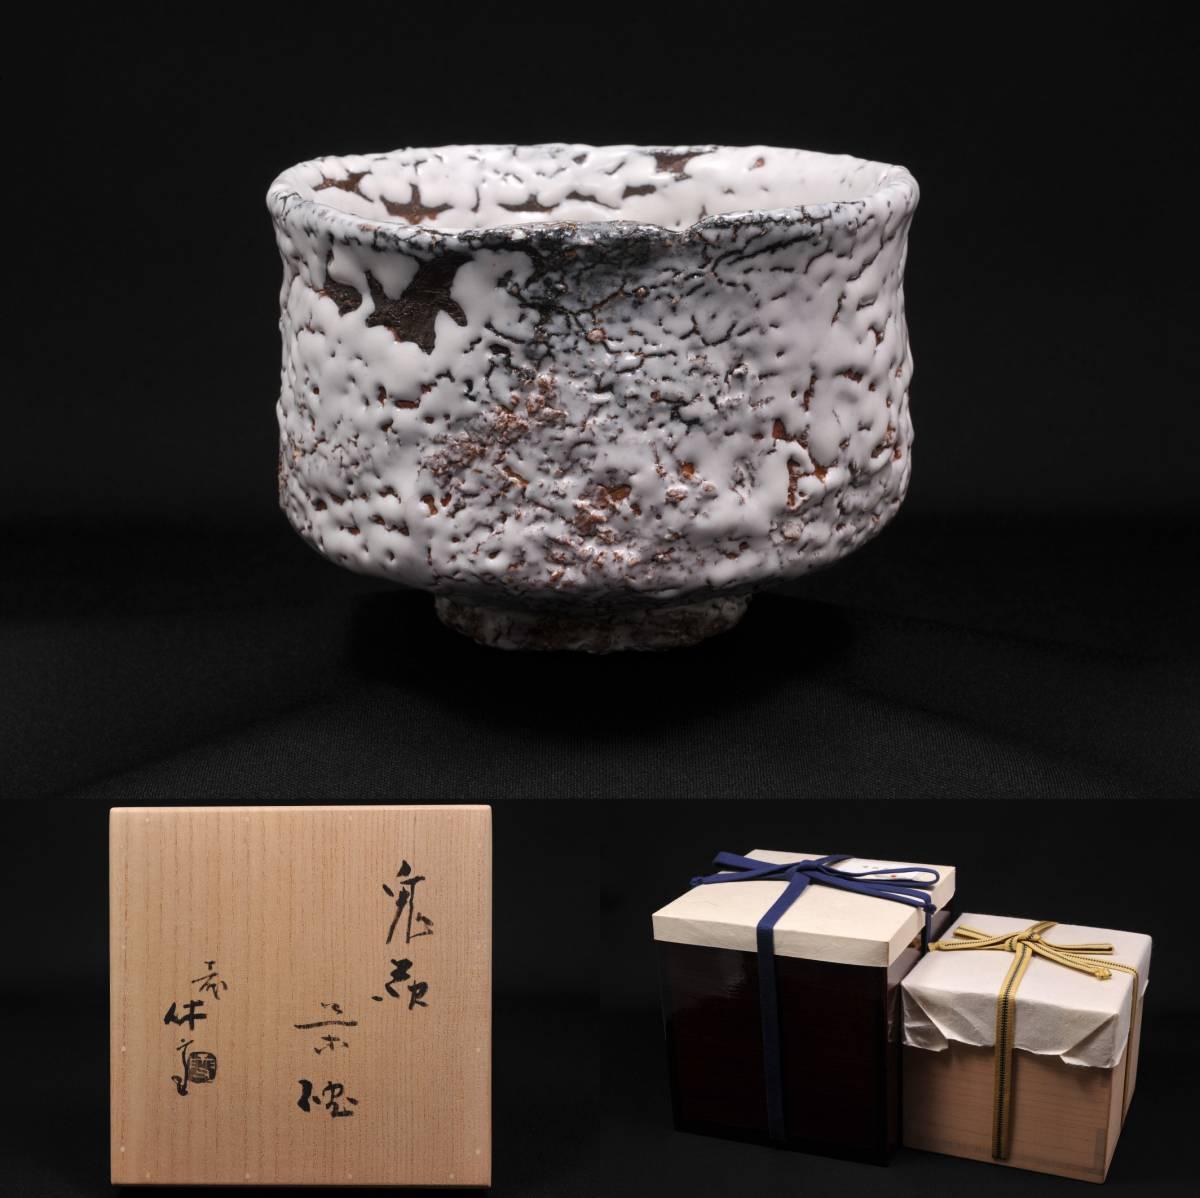 十一代 三輪休雪 (壽雪) 鬼萩 茶碗 共箱 最上位作 人間国宝 高島屋 卆寿記念